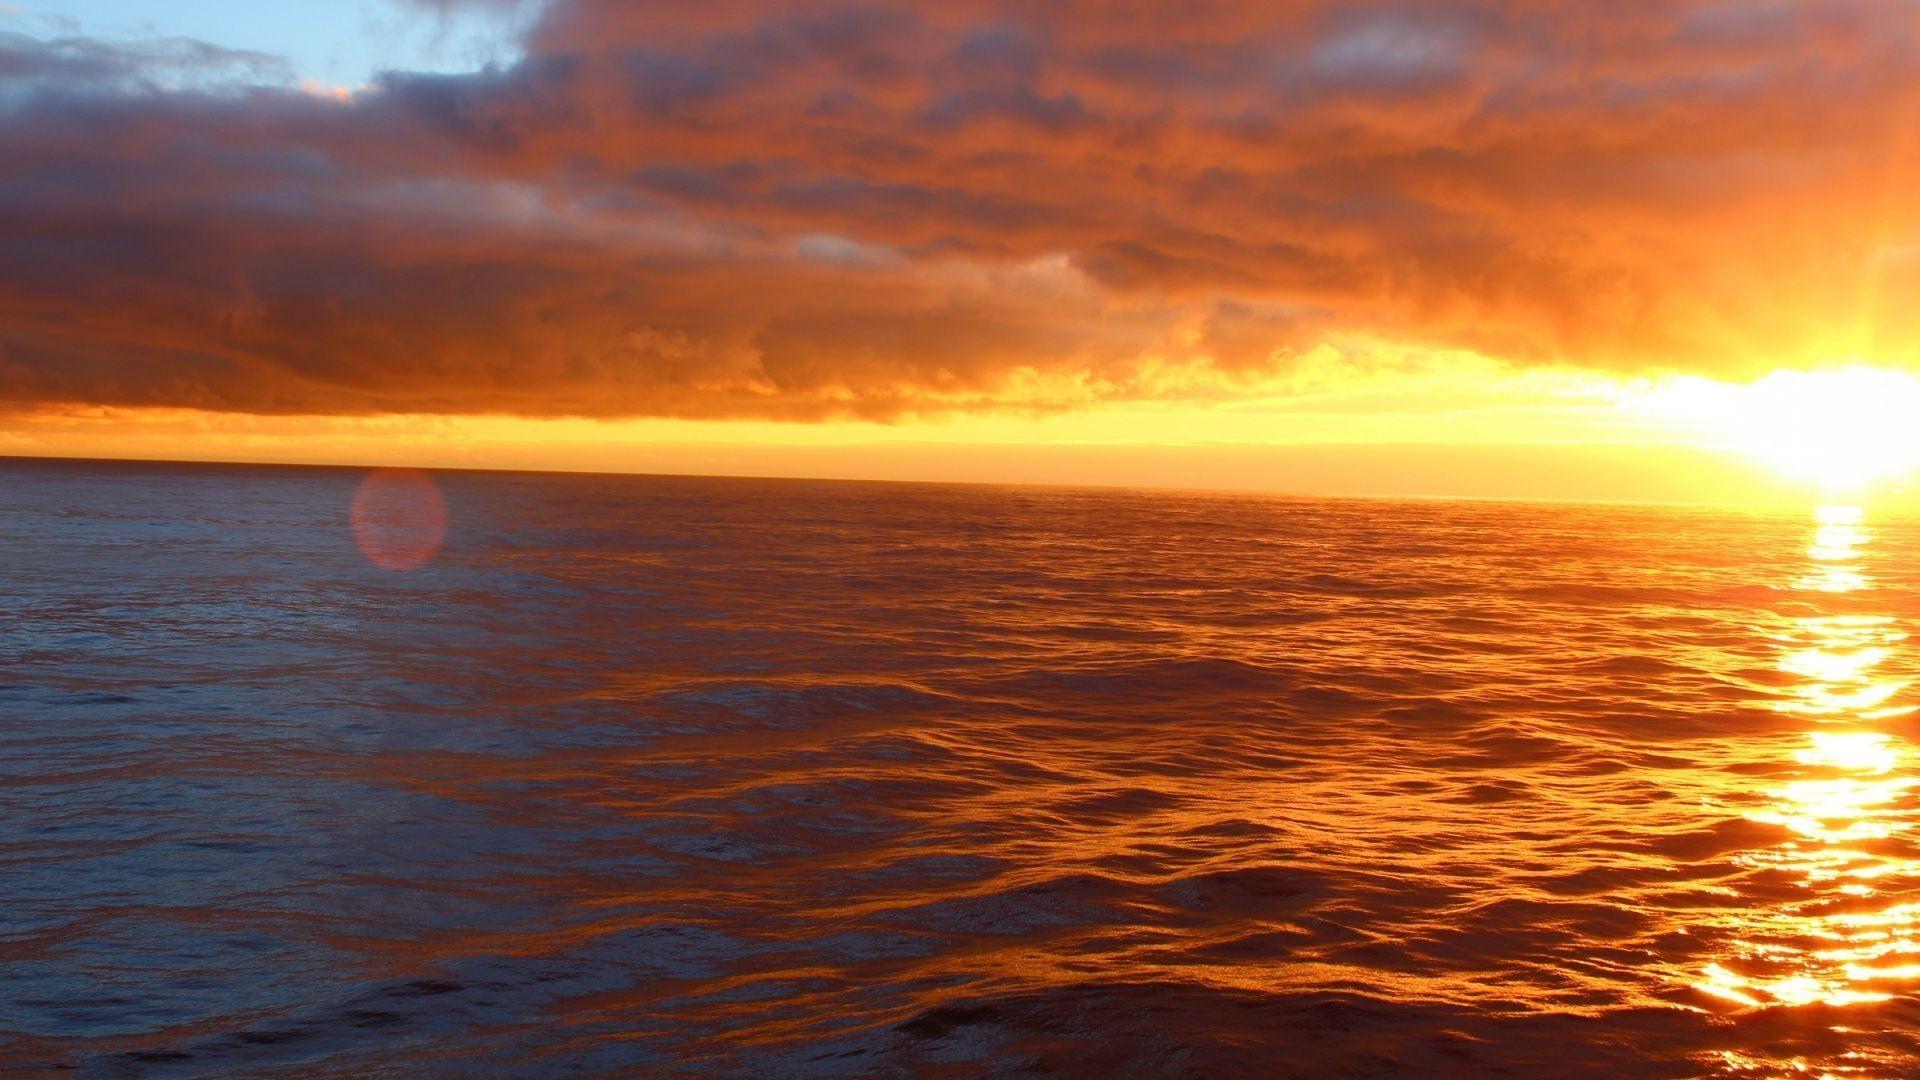 Ocean Sunset Desktop Wallpapers